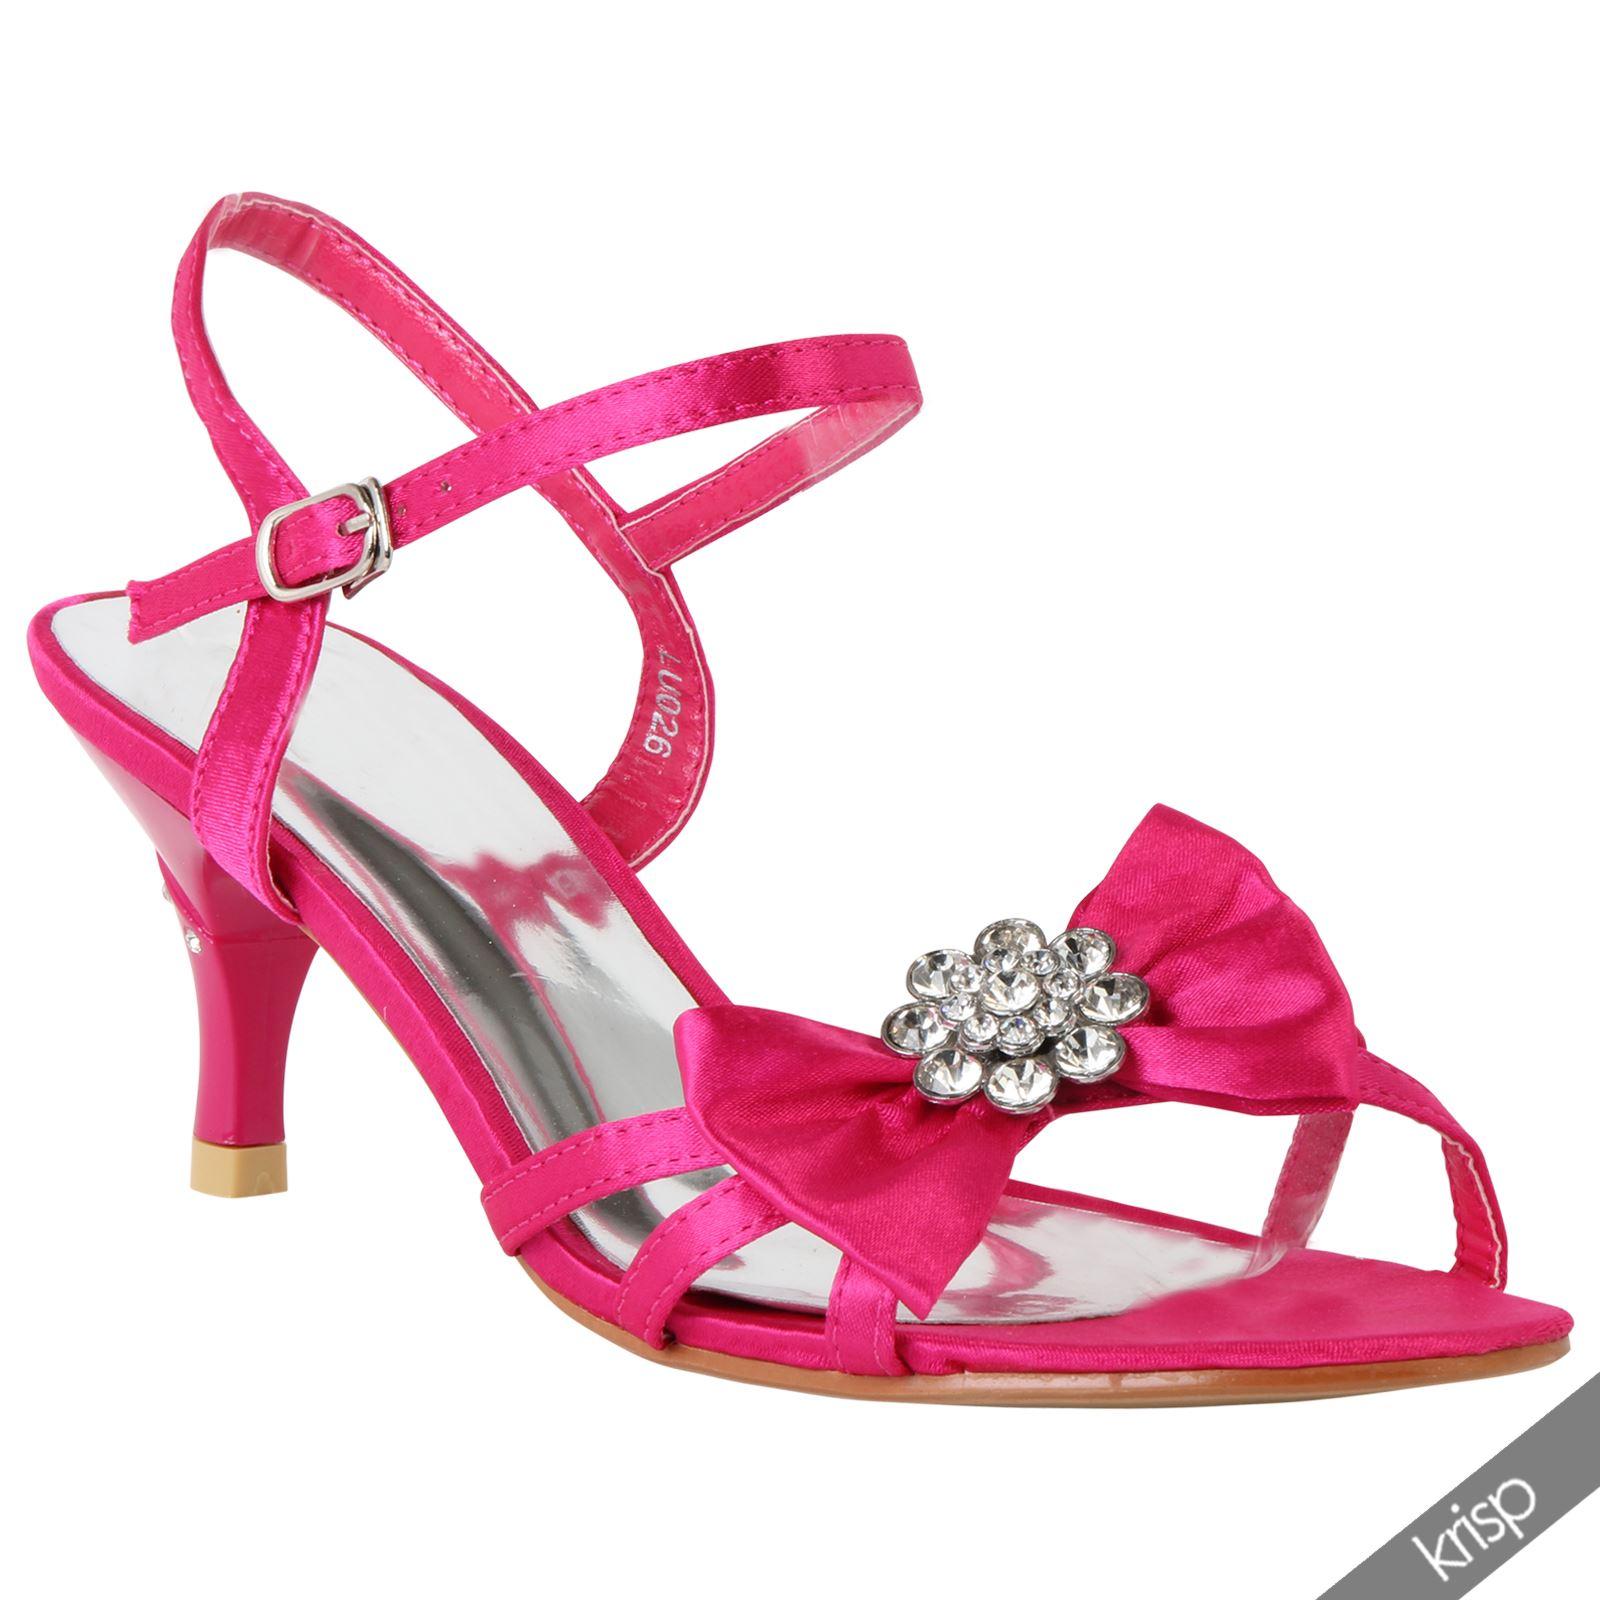 Kitten Heel Evening Sandals